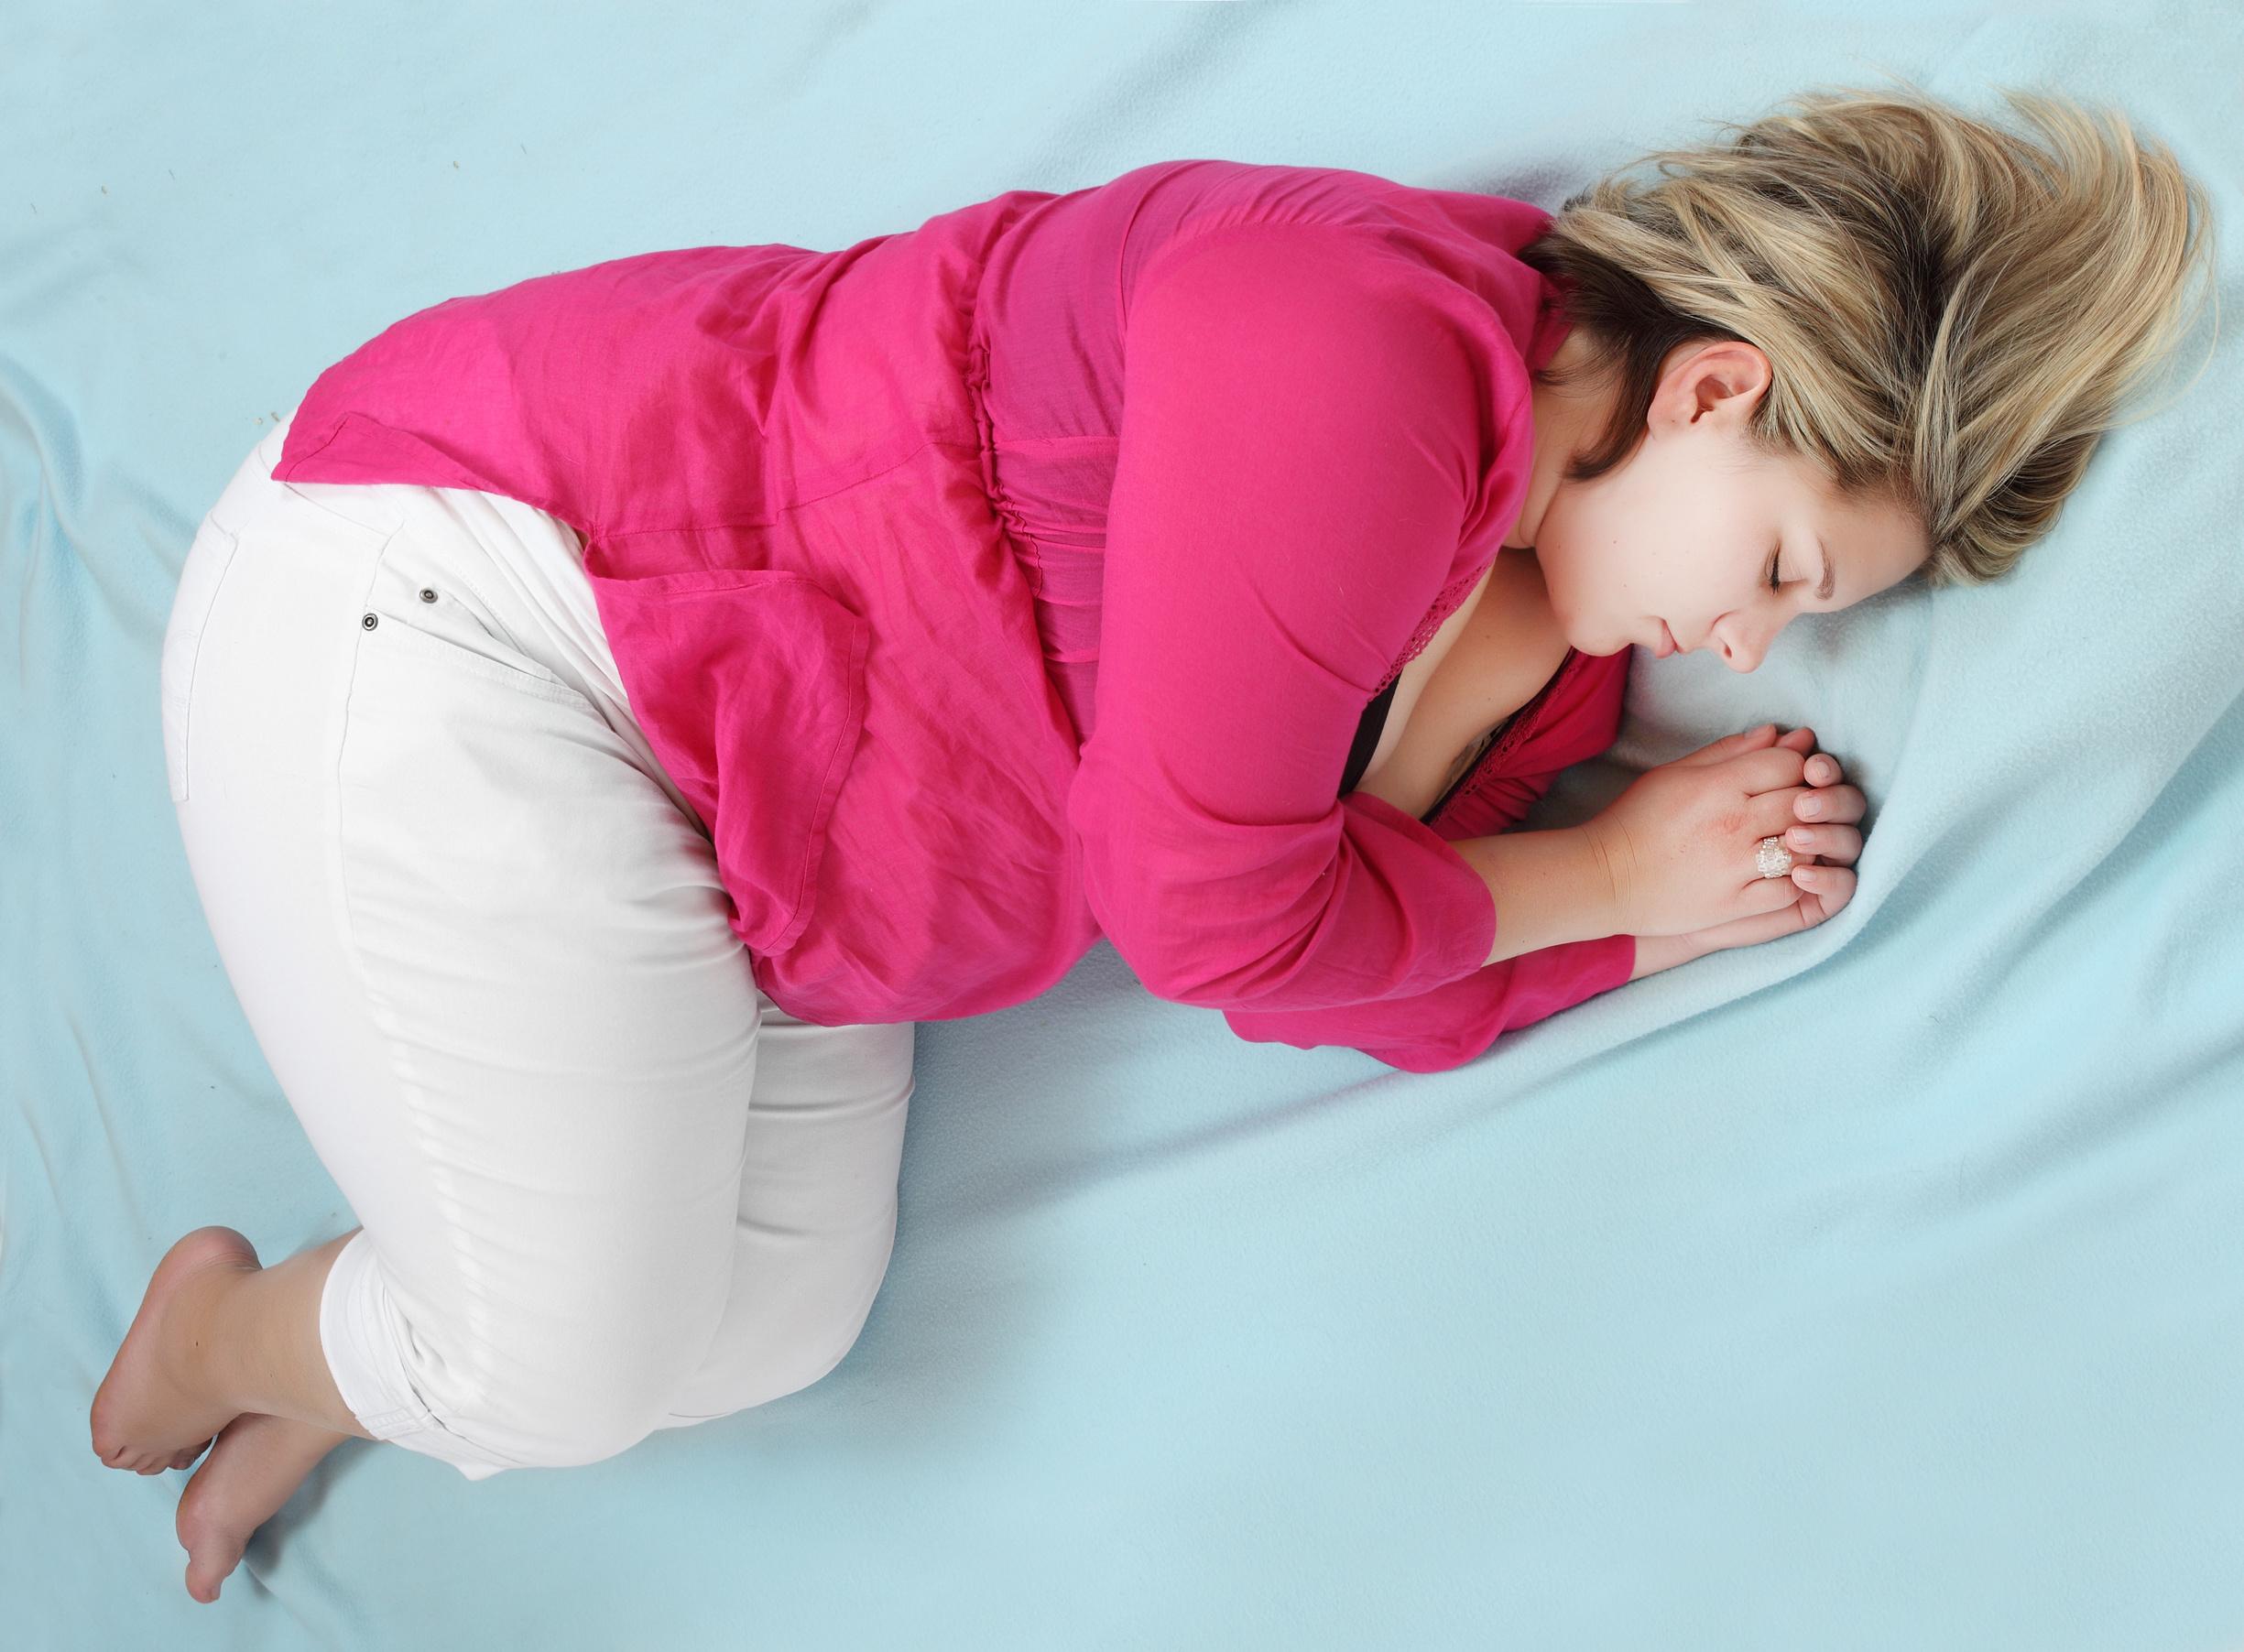 Sleeping Overweight Woman Handsonmattress Com